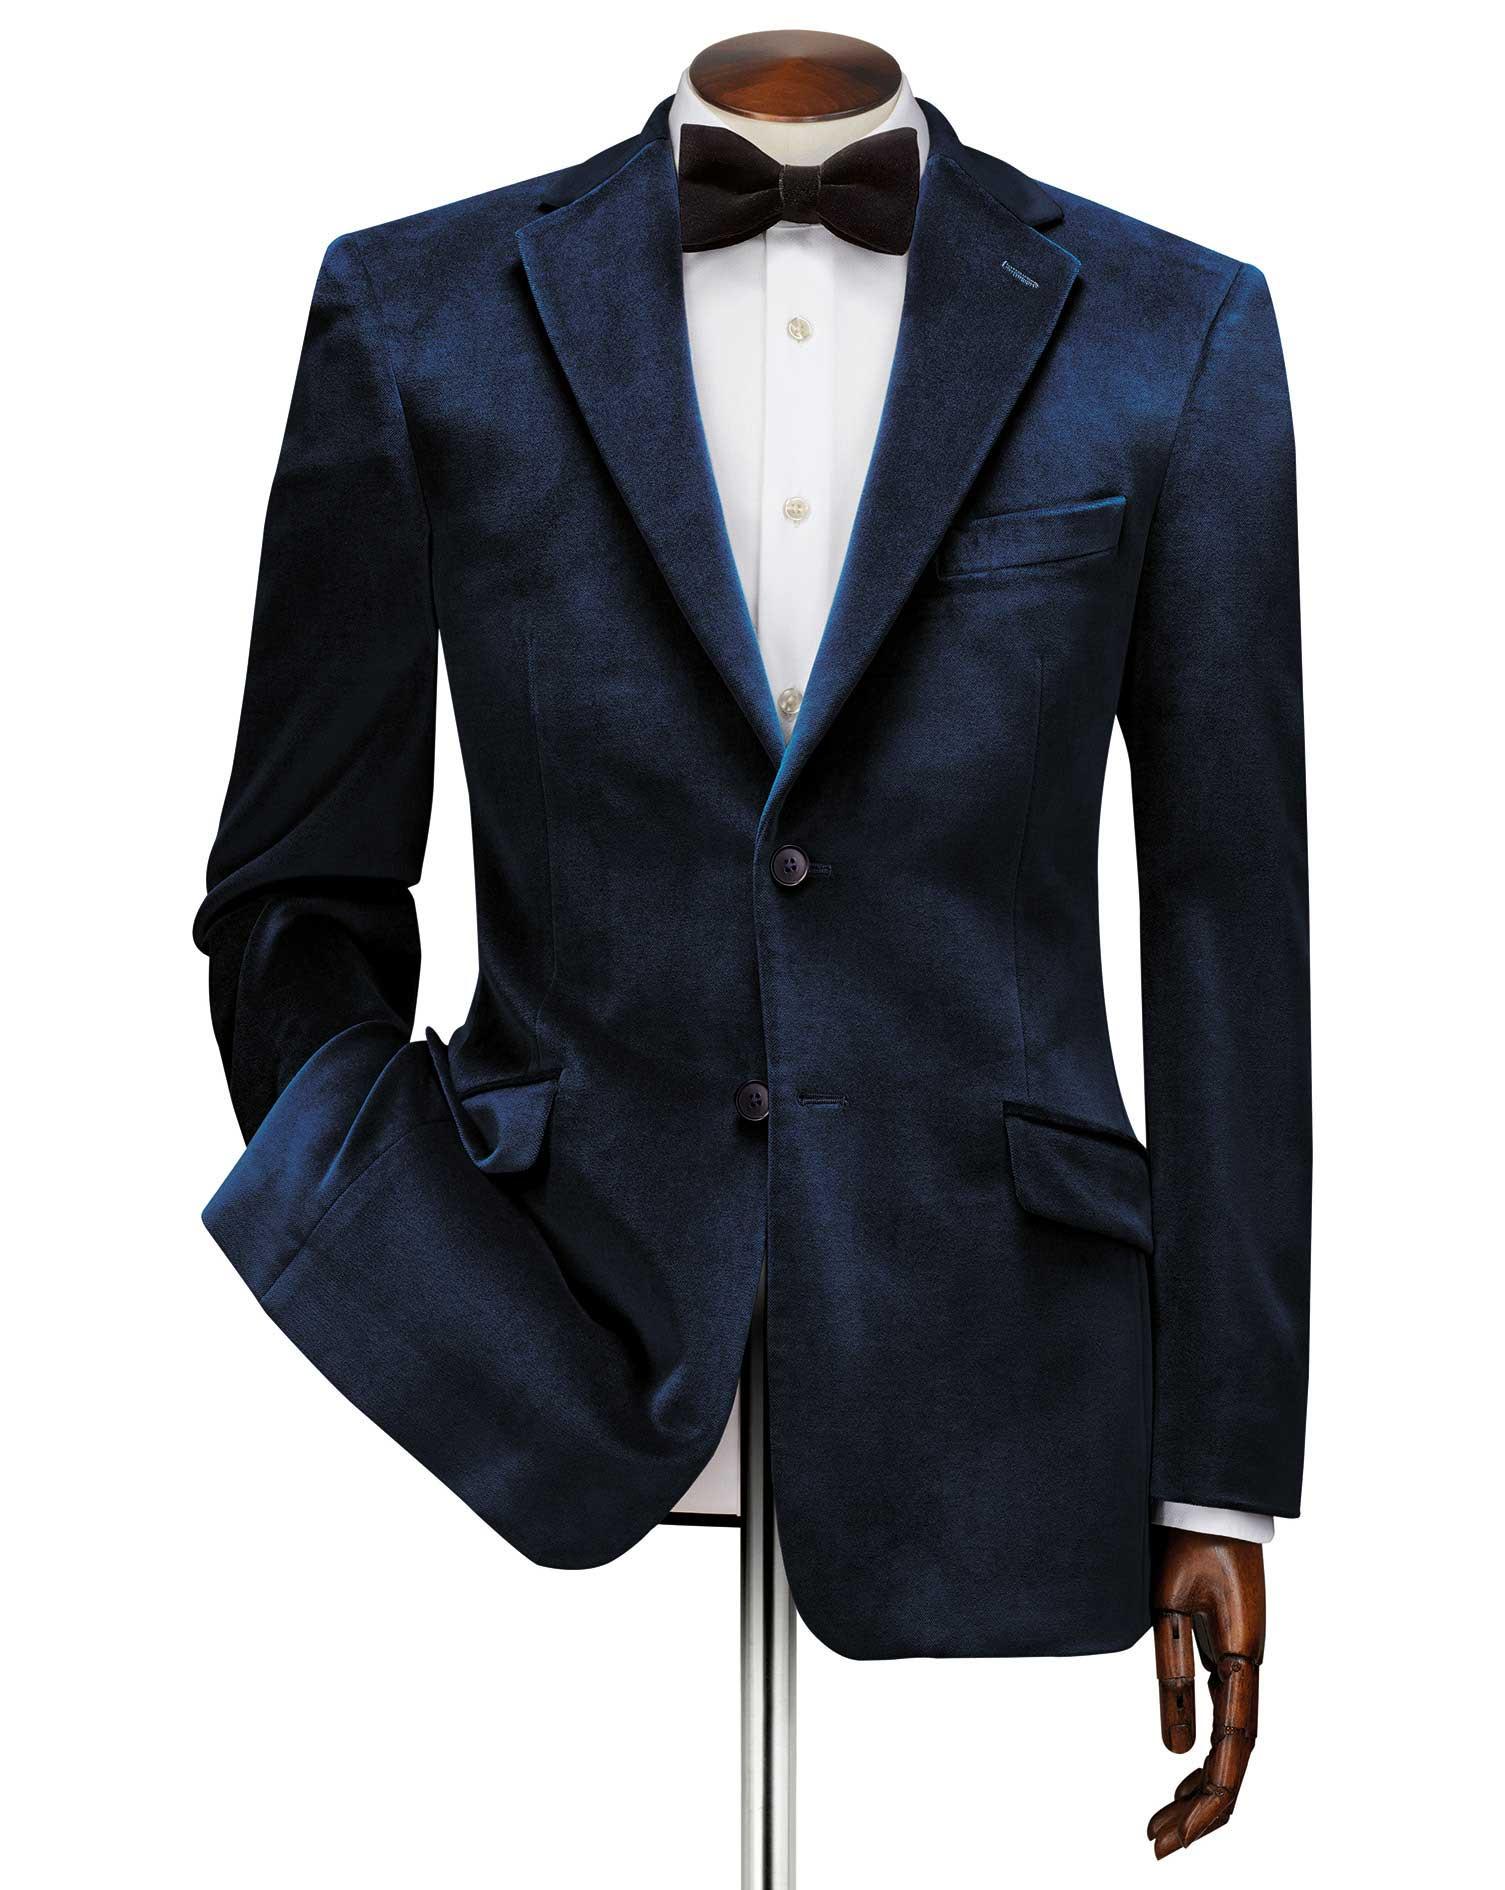 Slim Fit Teal Velvet Cotton Jacket Size 46 Regular by Charles Tyrwhitt